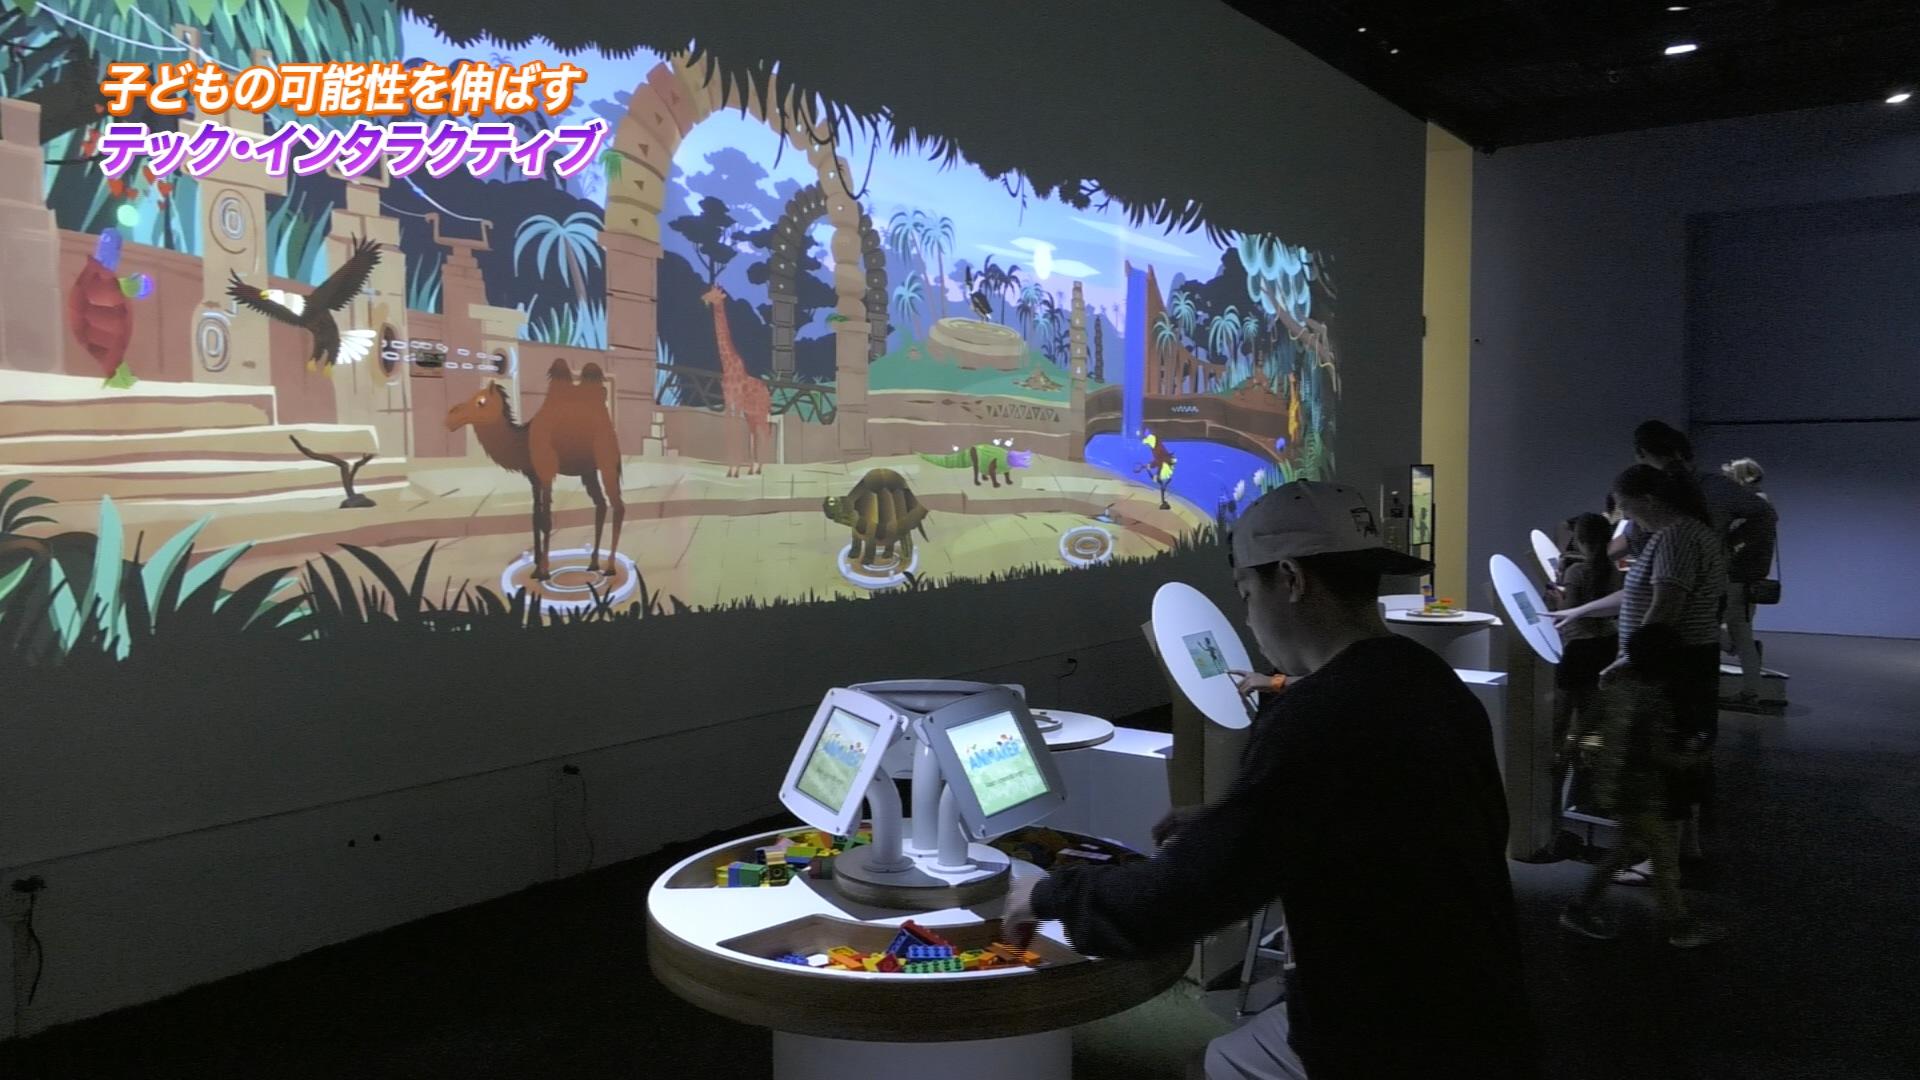 Image: 最新「IoT」グッズとテクノロジーを体験できる博物館